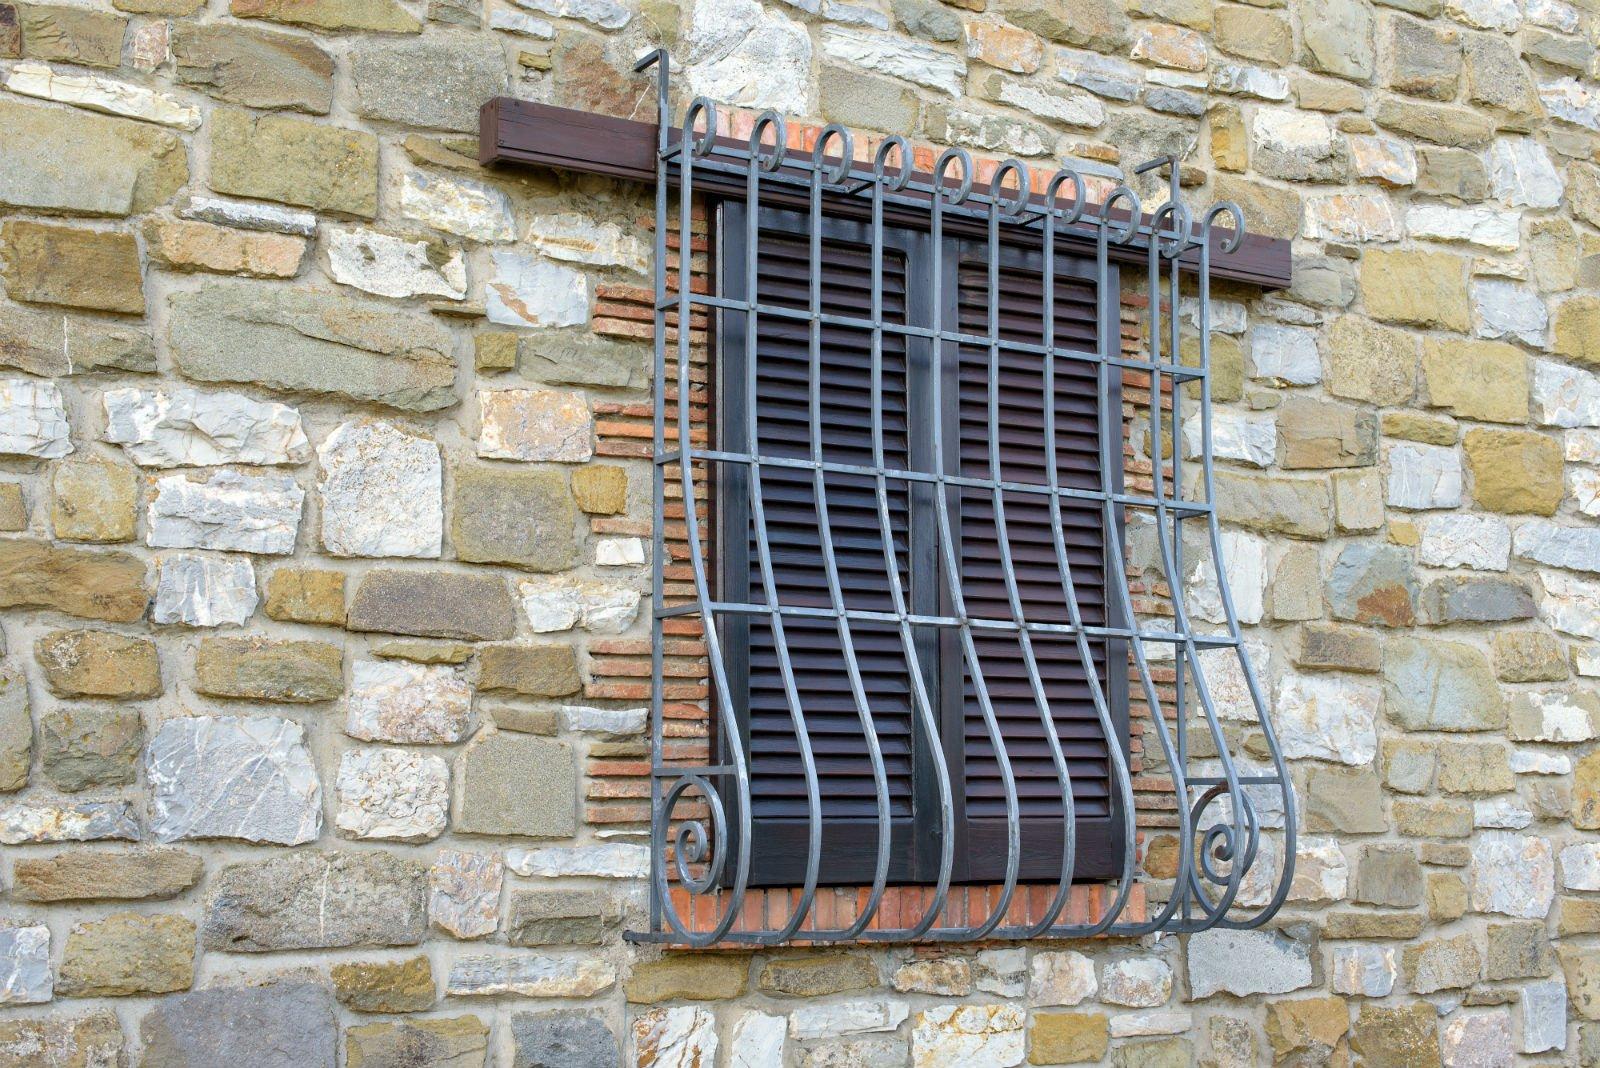 una finestra con una griglia in metallo